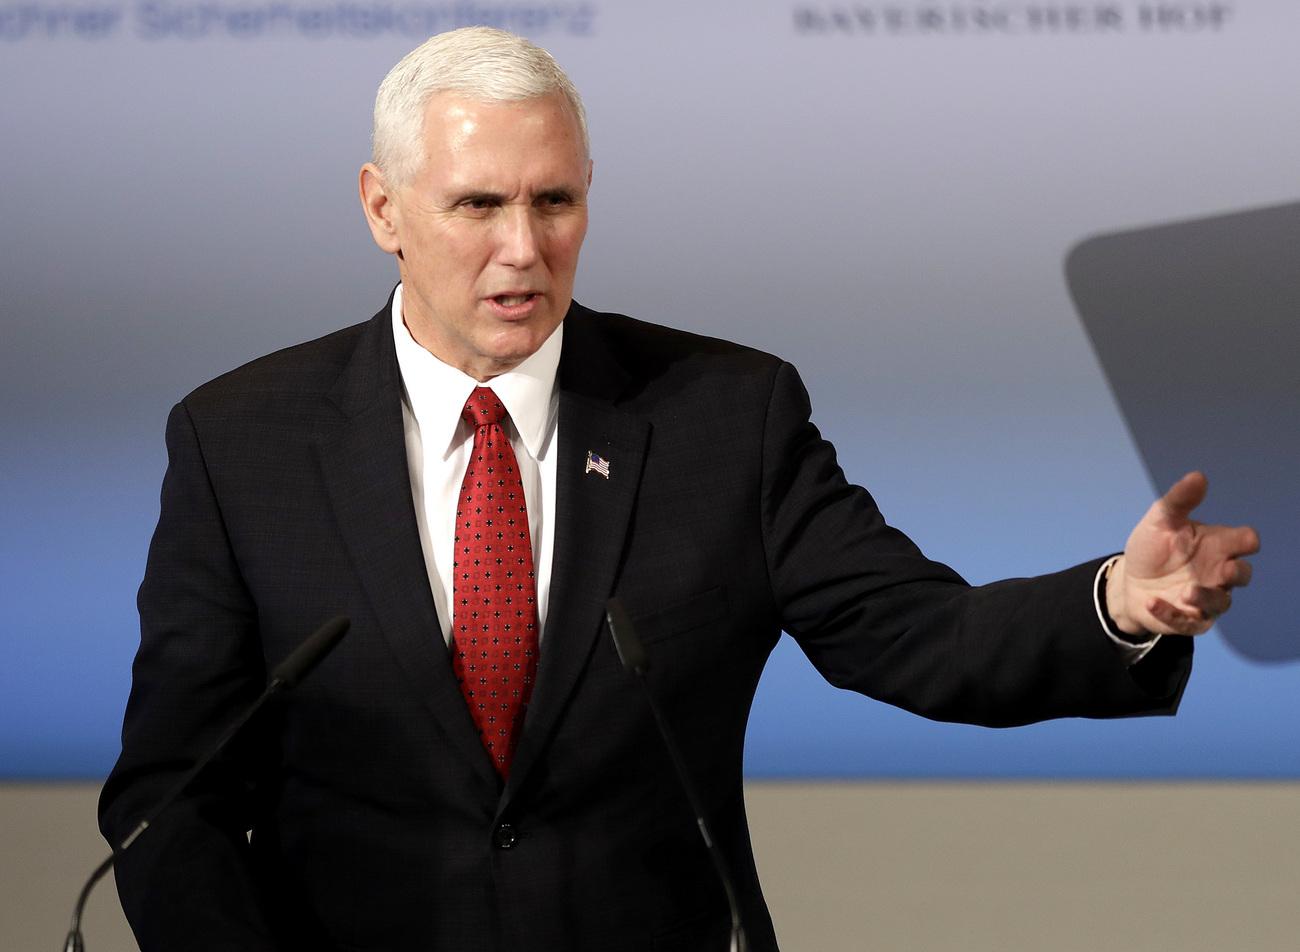 États-Unis : Mike Pence veut-il remplacer Donald Trump ?